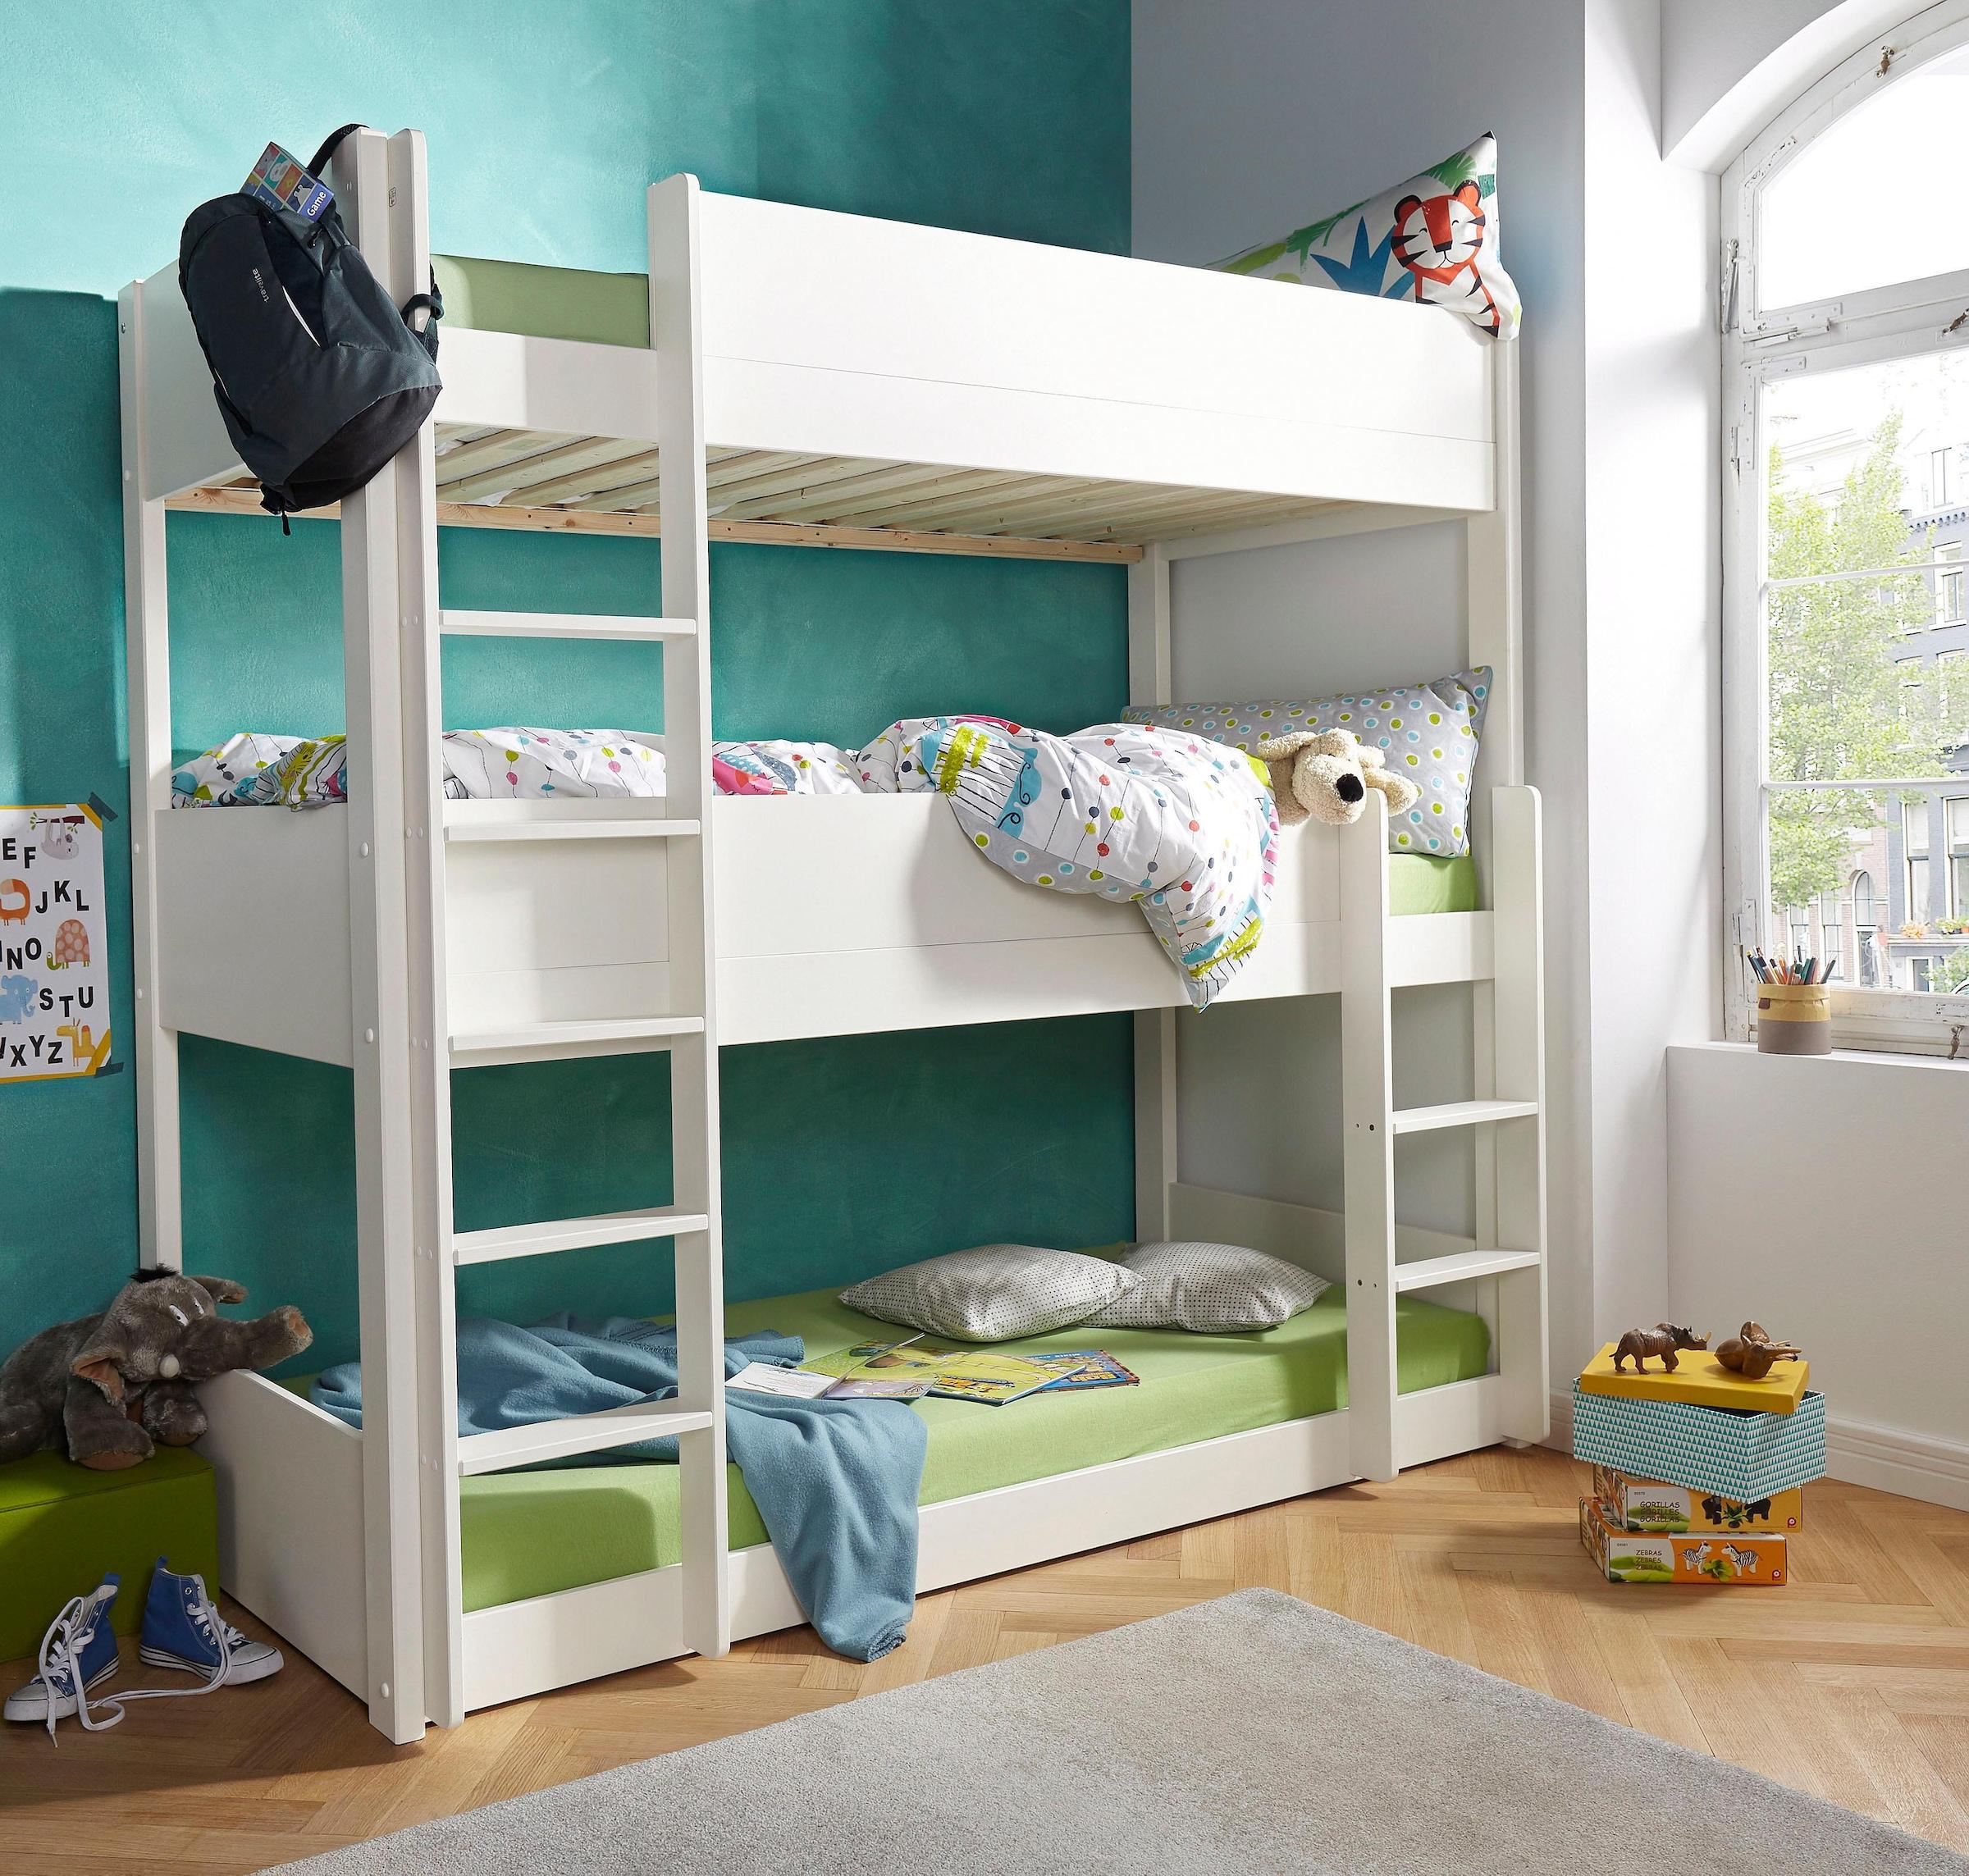 Etagenbett Für 3 Kinder : Kinderbett jahre luxus kinderzimmer mdchen etagenbett